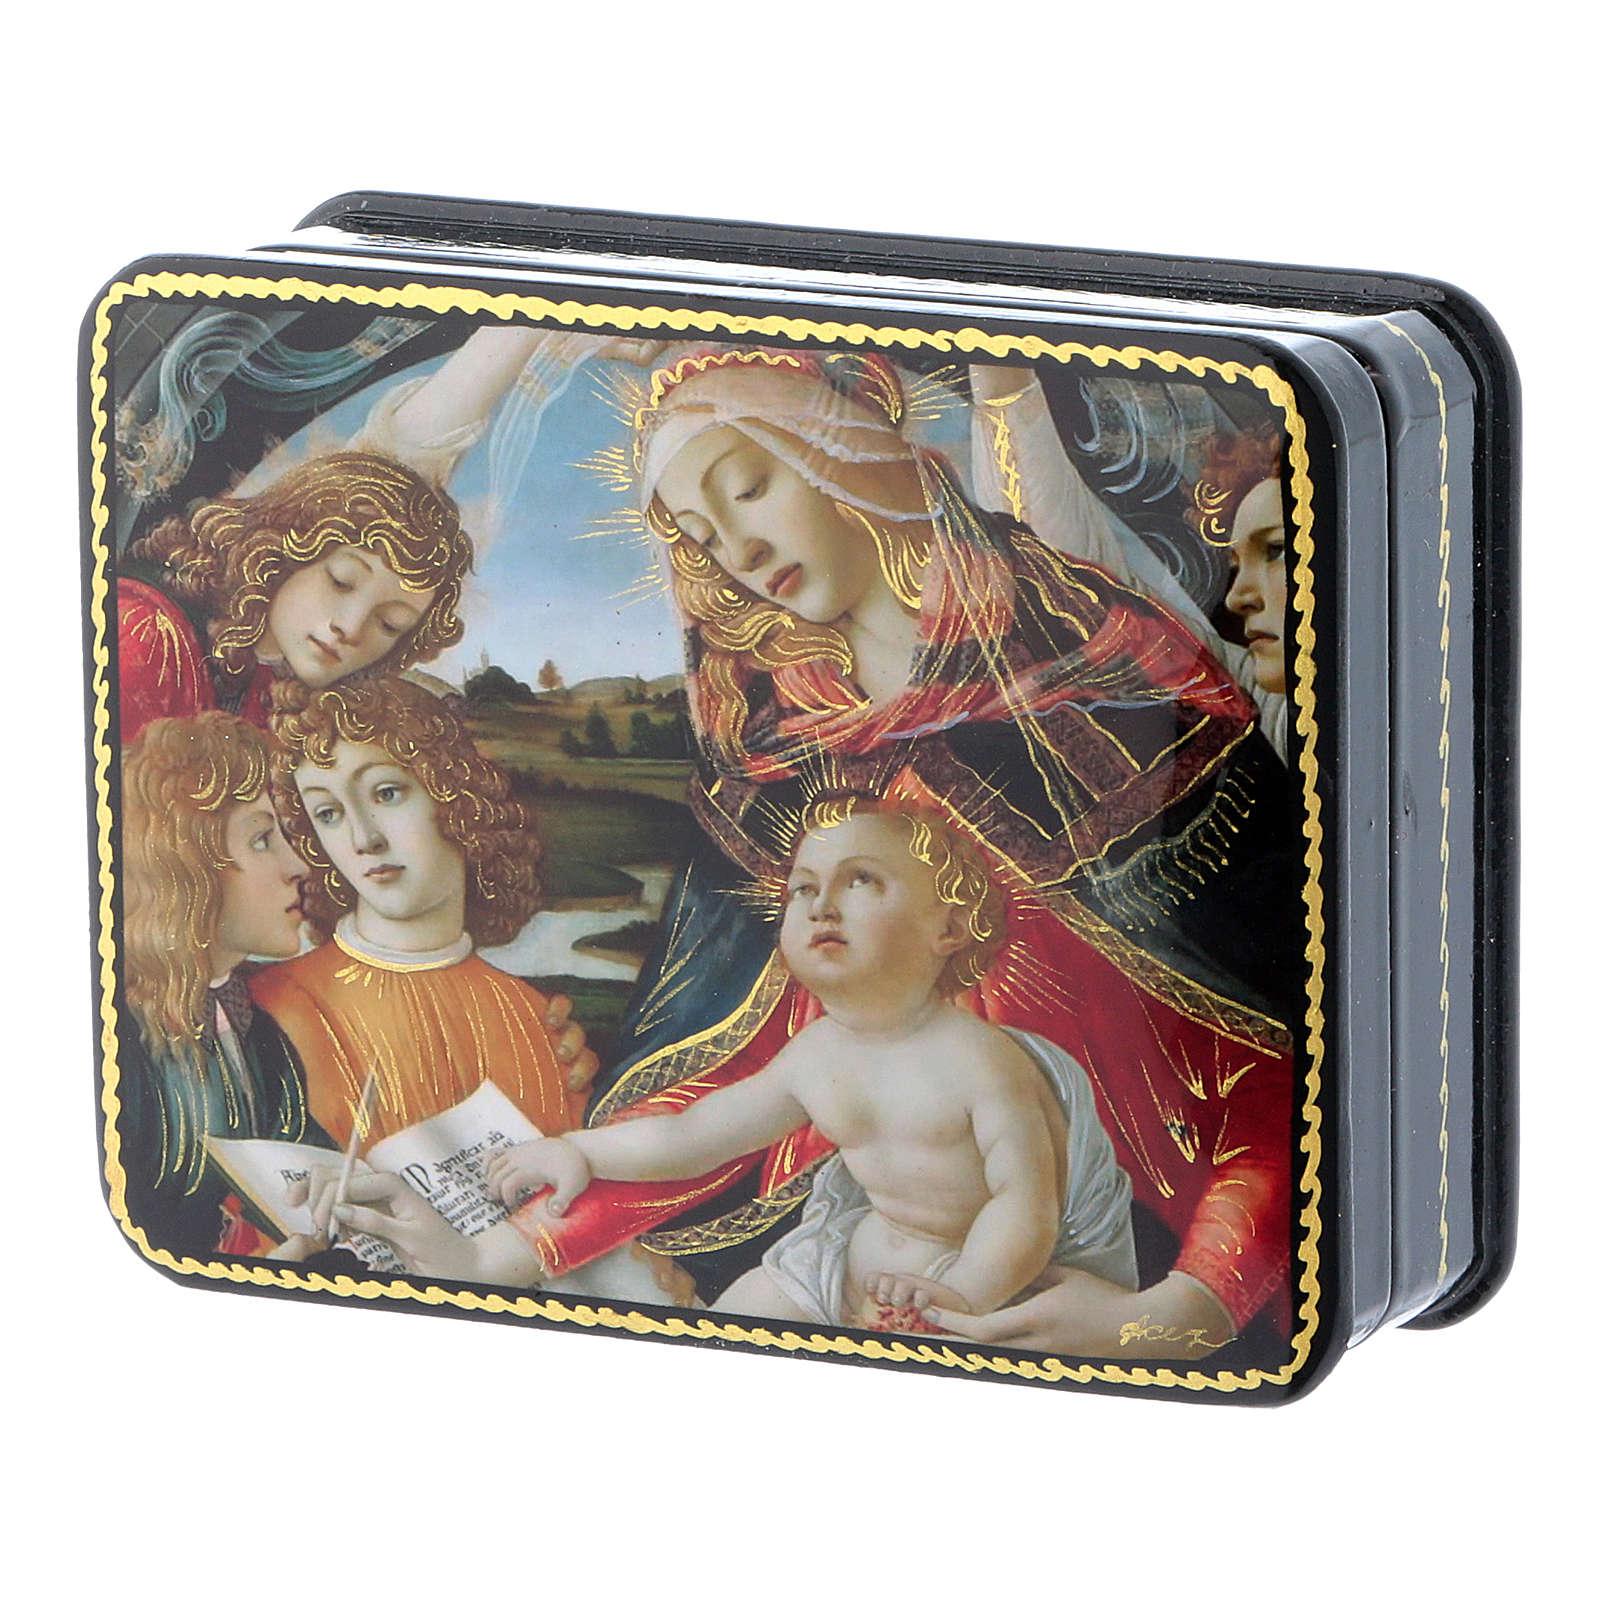 Lacca russa Papier-mâché La Madonna del Melograno Fedoskino style 11x8 4